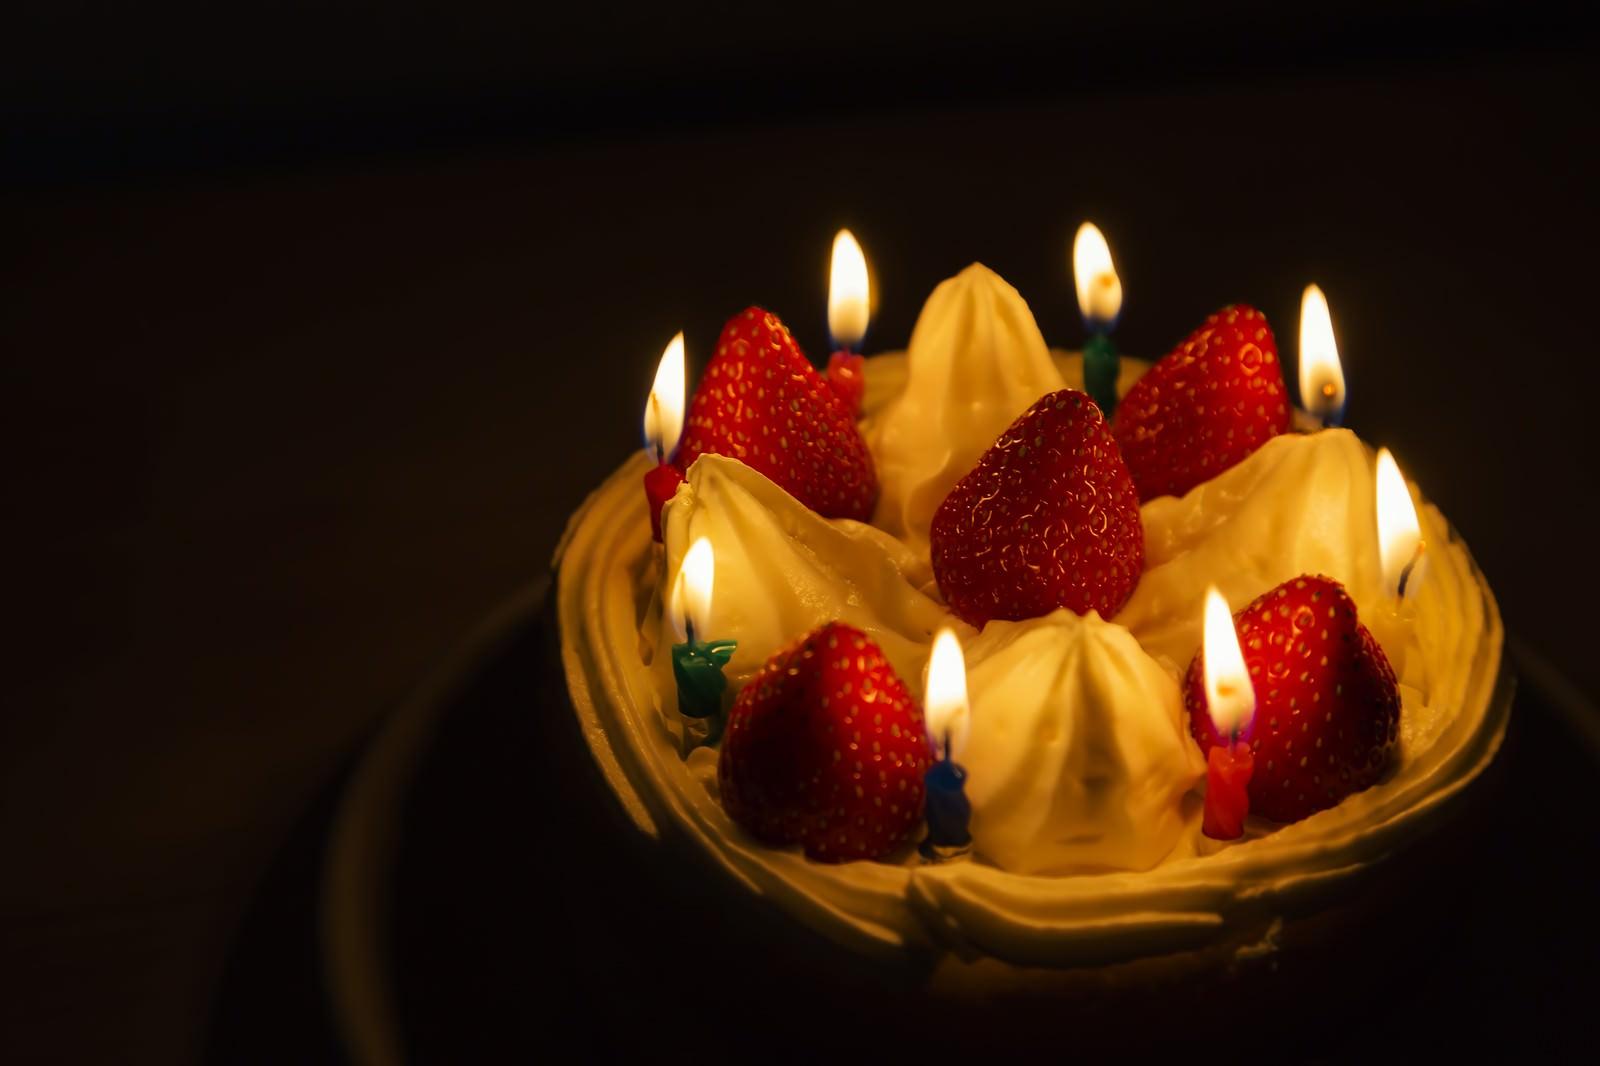 「ロウソクの明かりとイチゴのケーキ」の写真